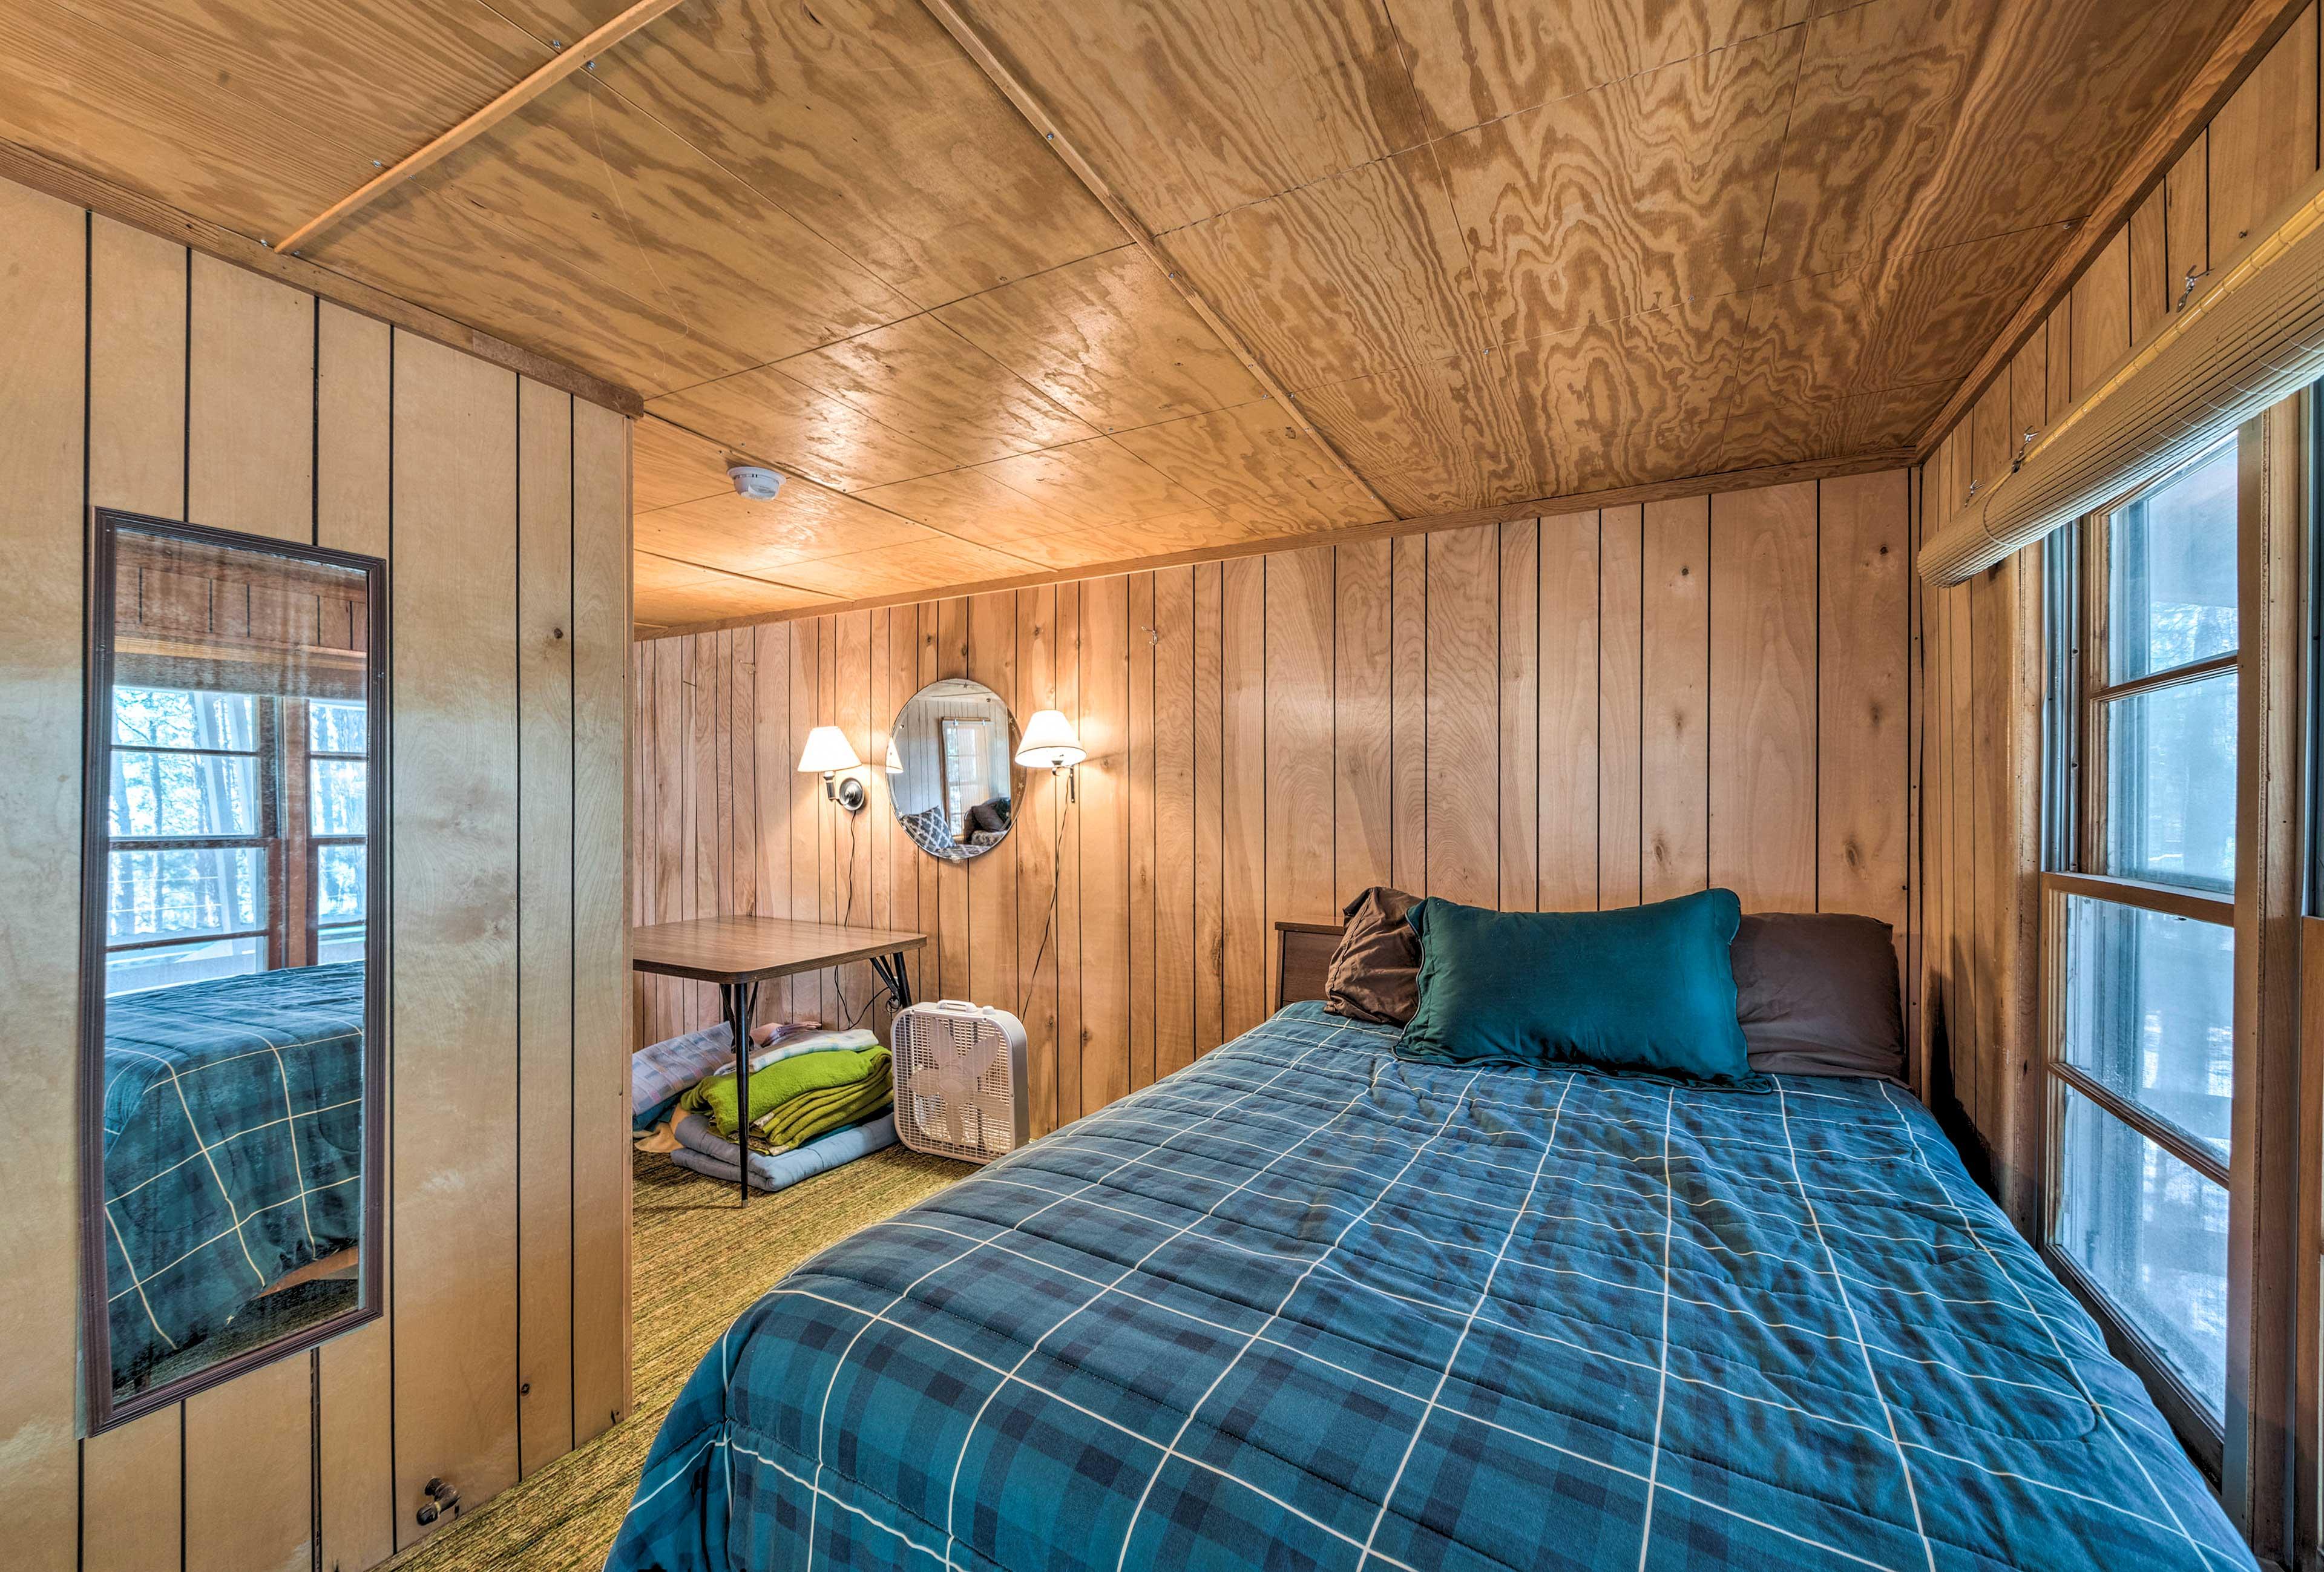 Bunkroom | 2 Full Beds, 3 Twin Beds